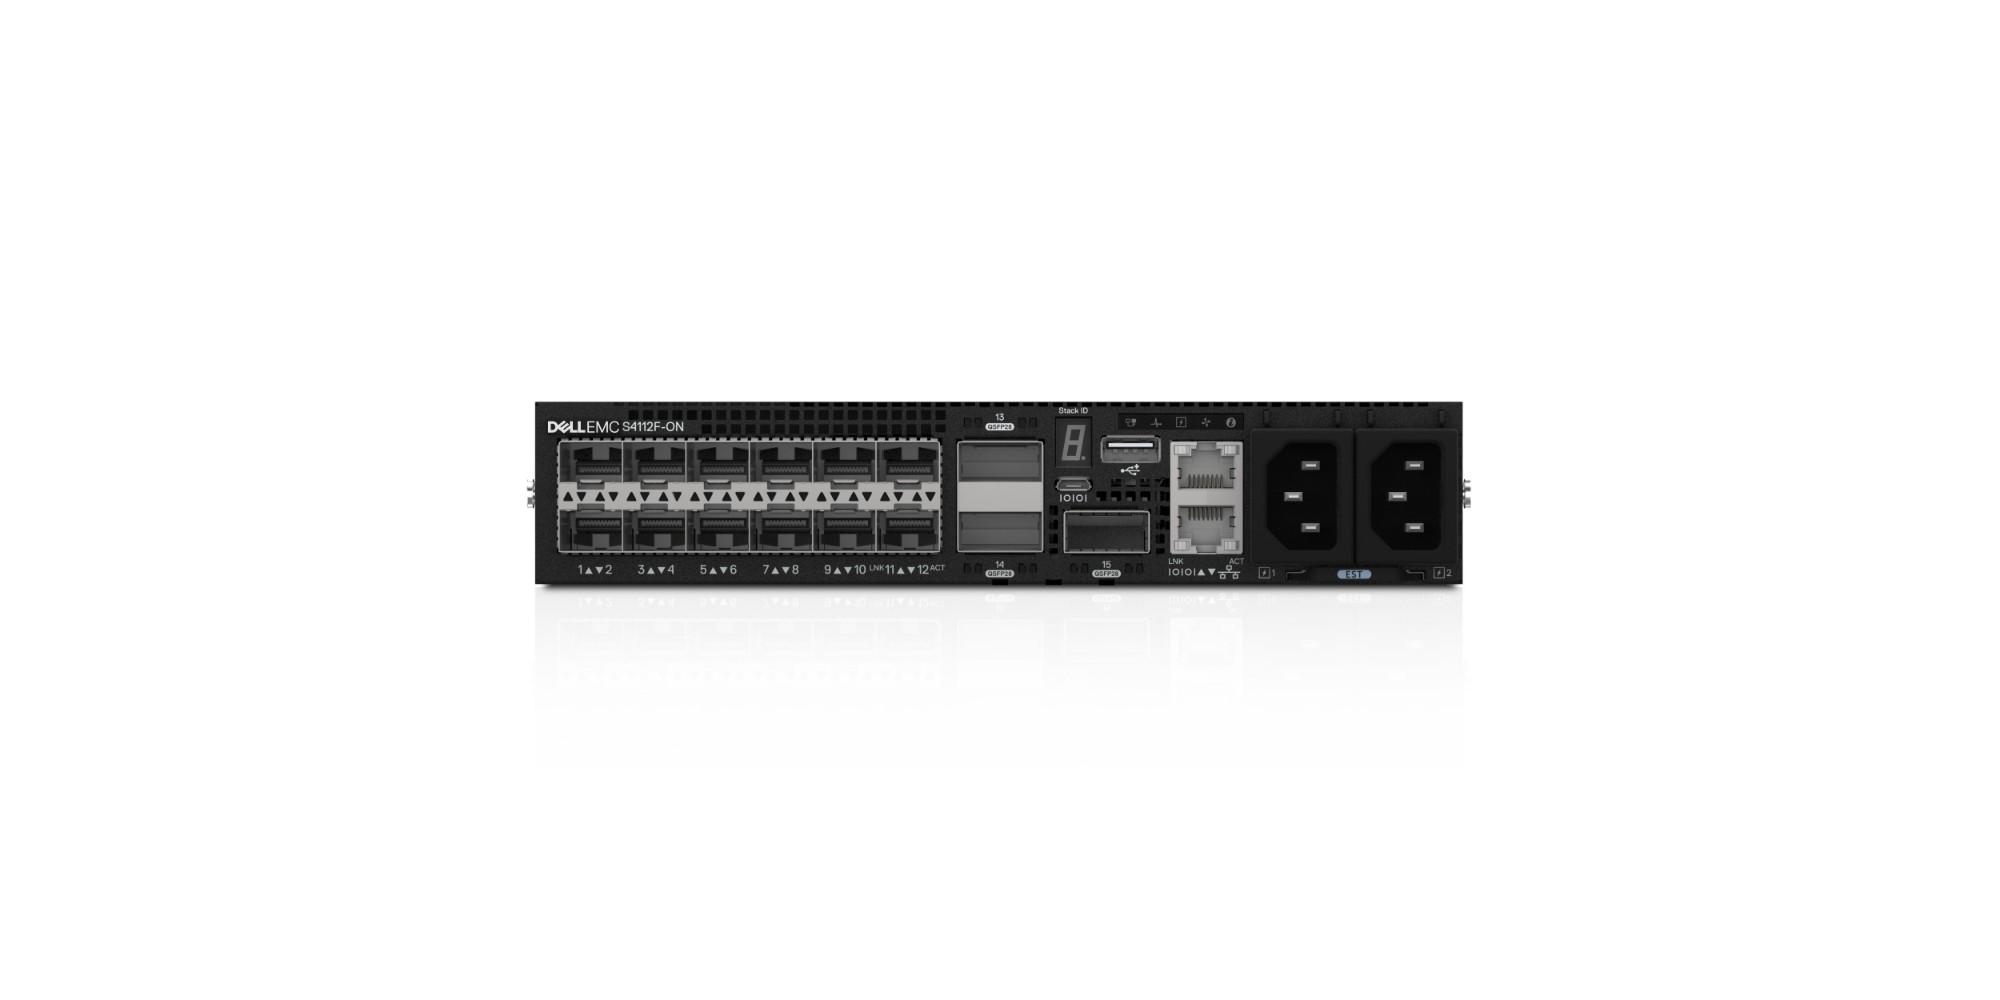 DELL S-Series S4112 Managed L2/L3 1U Black